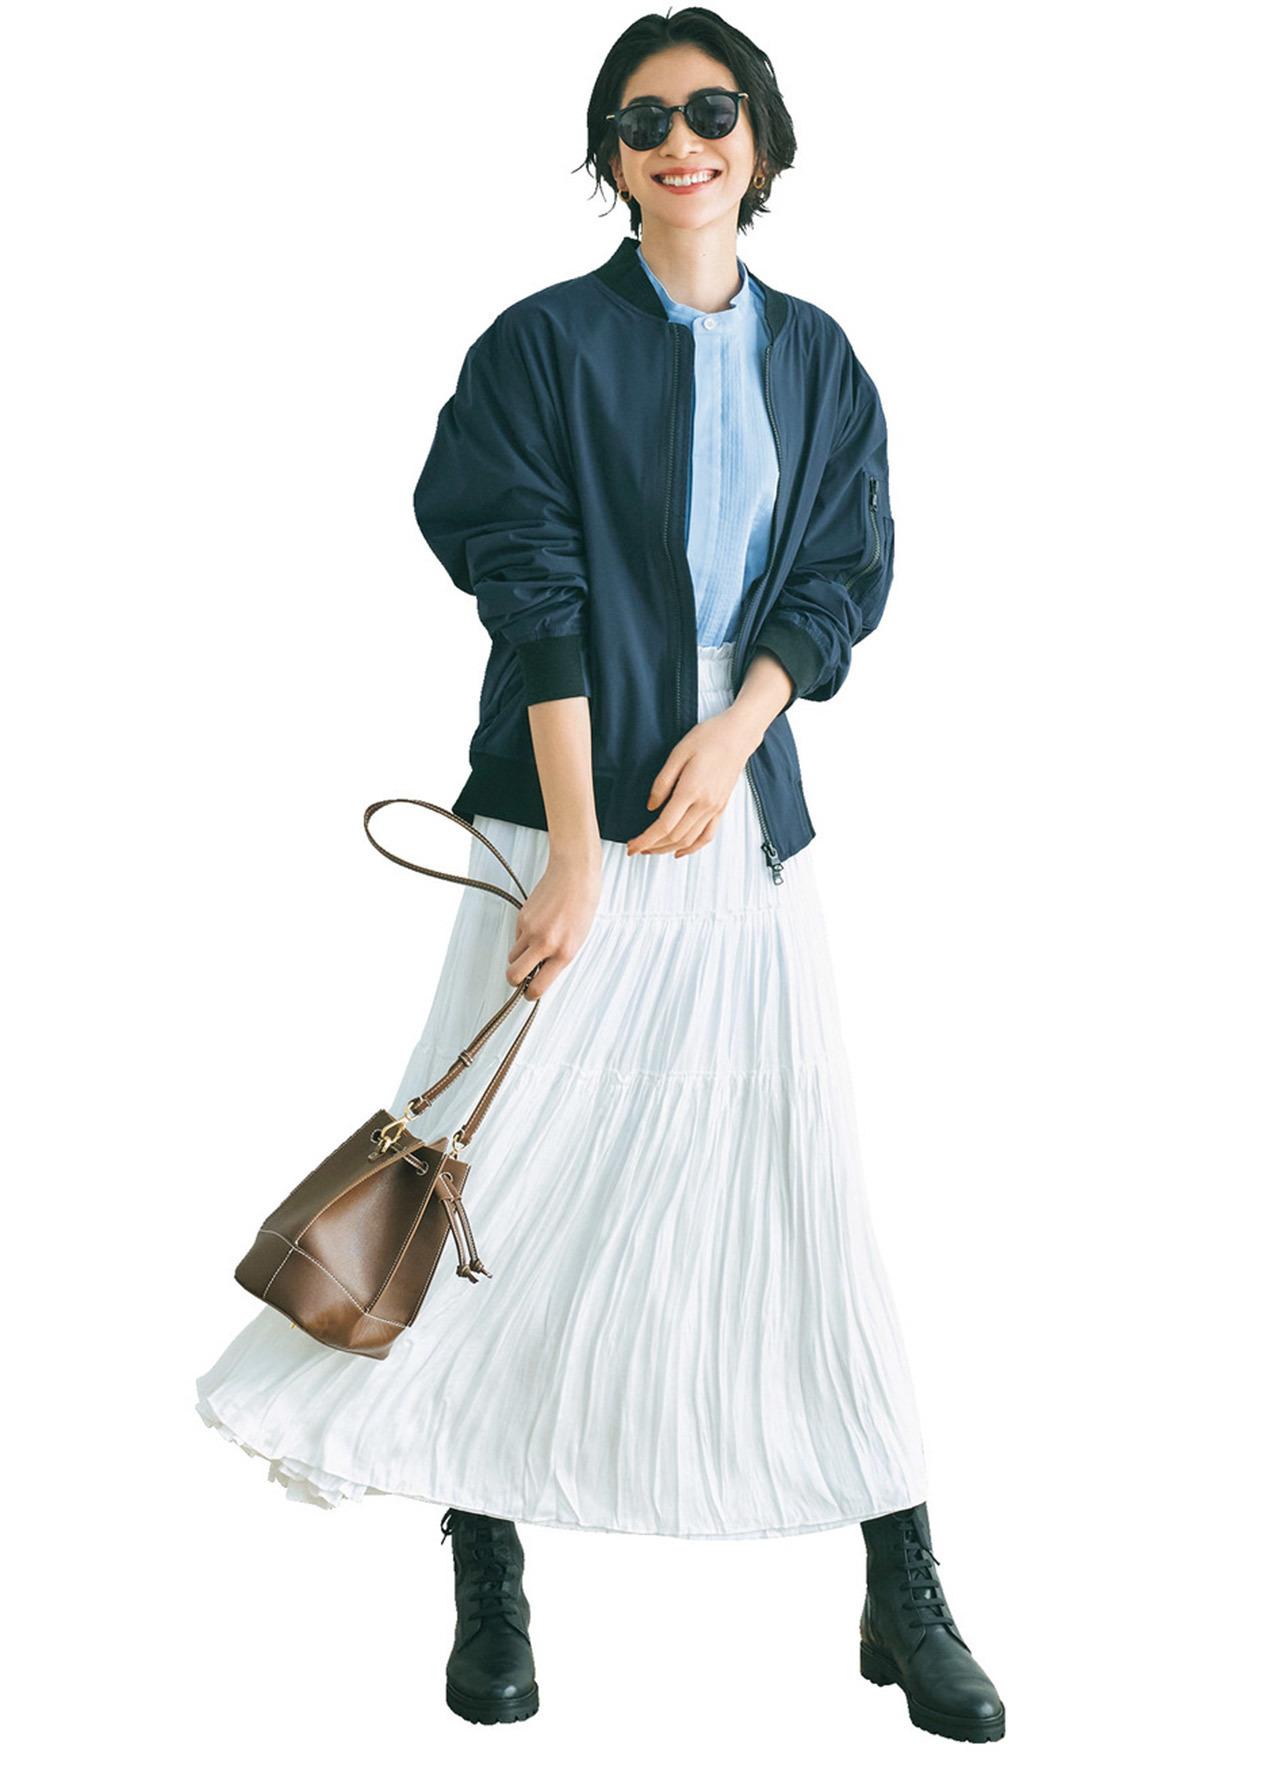 × SKIRT バンドカラーなら スカート合わせもすっきり